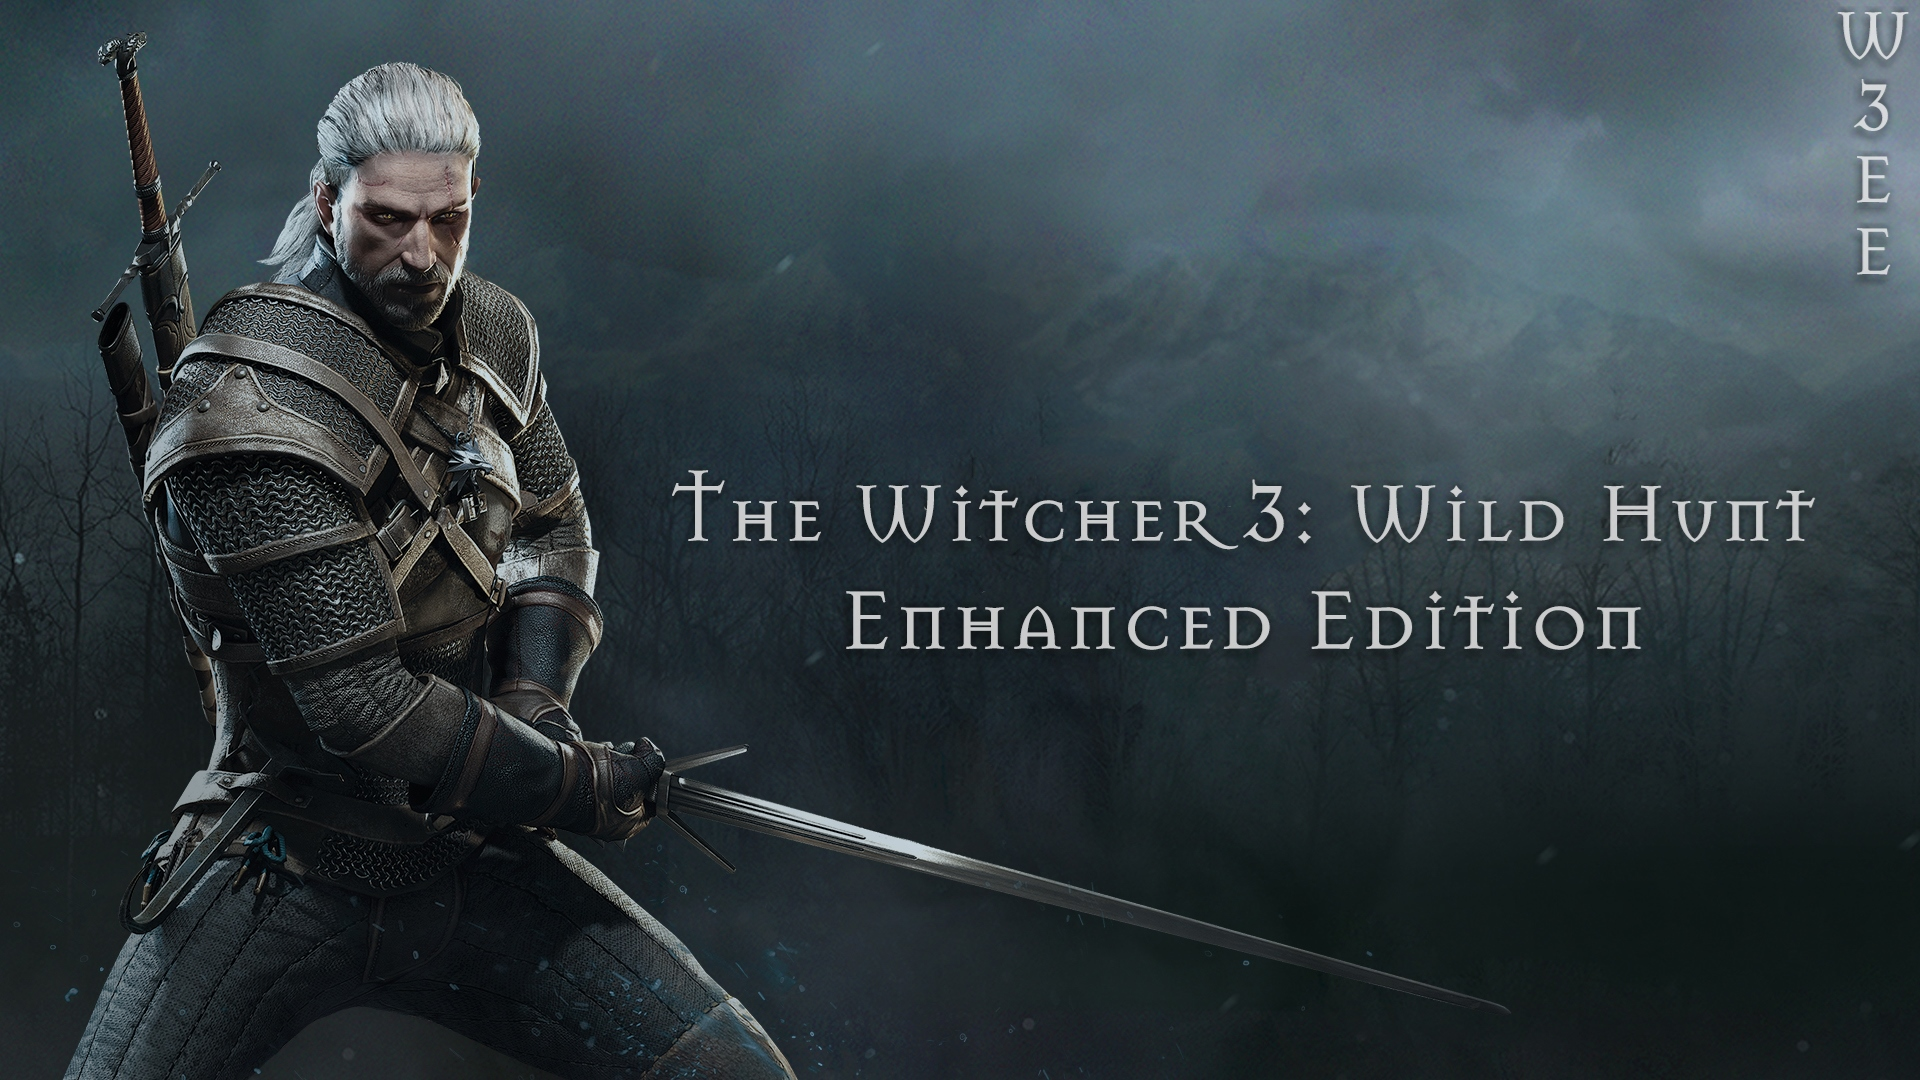 Witcher 3 Enhanced Edition mod prepracuváva hrateľnosť titulu